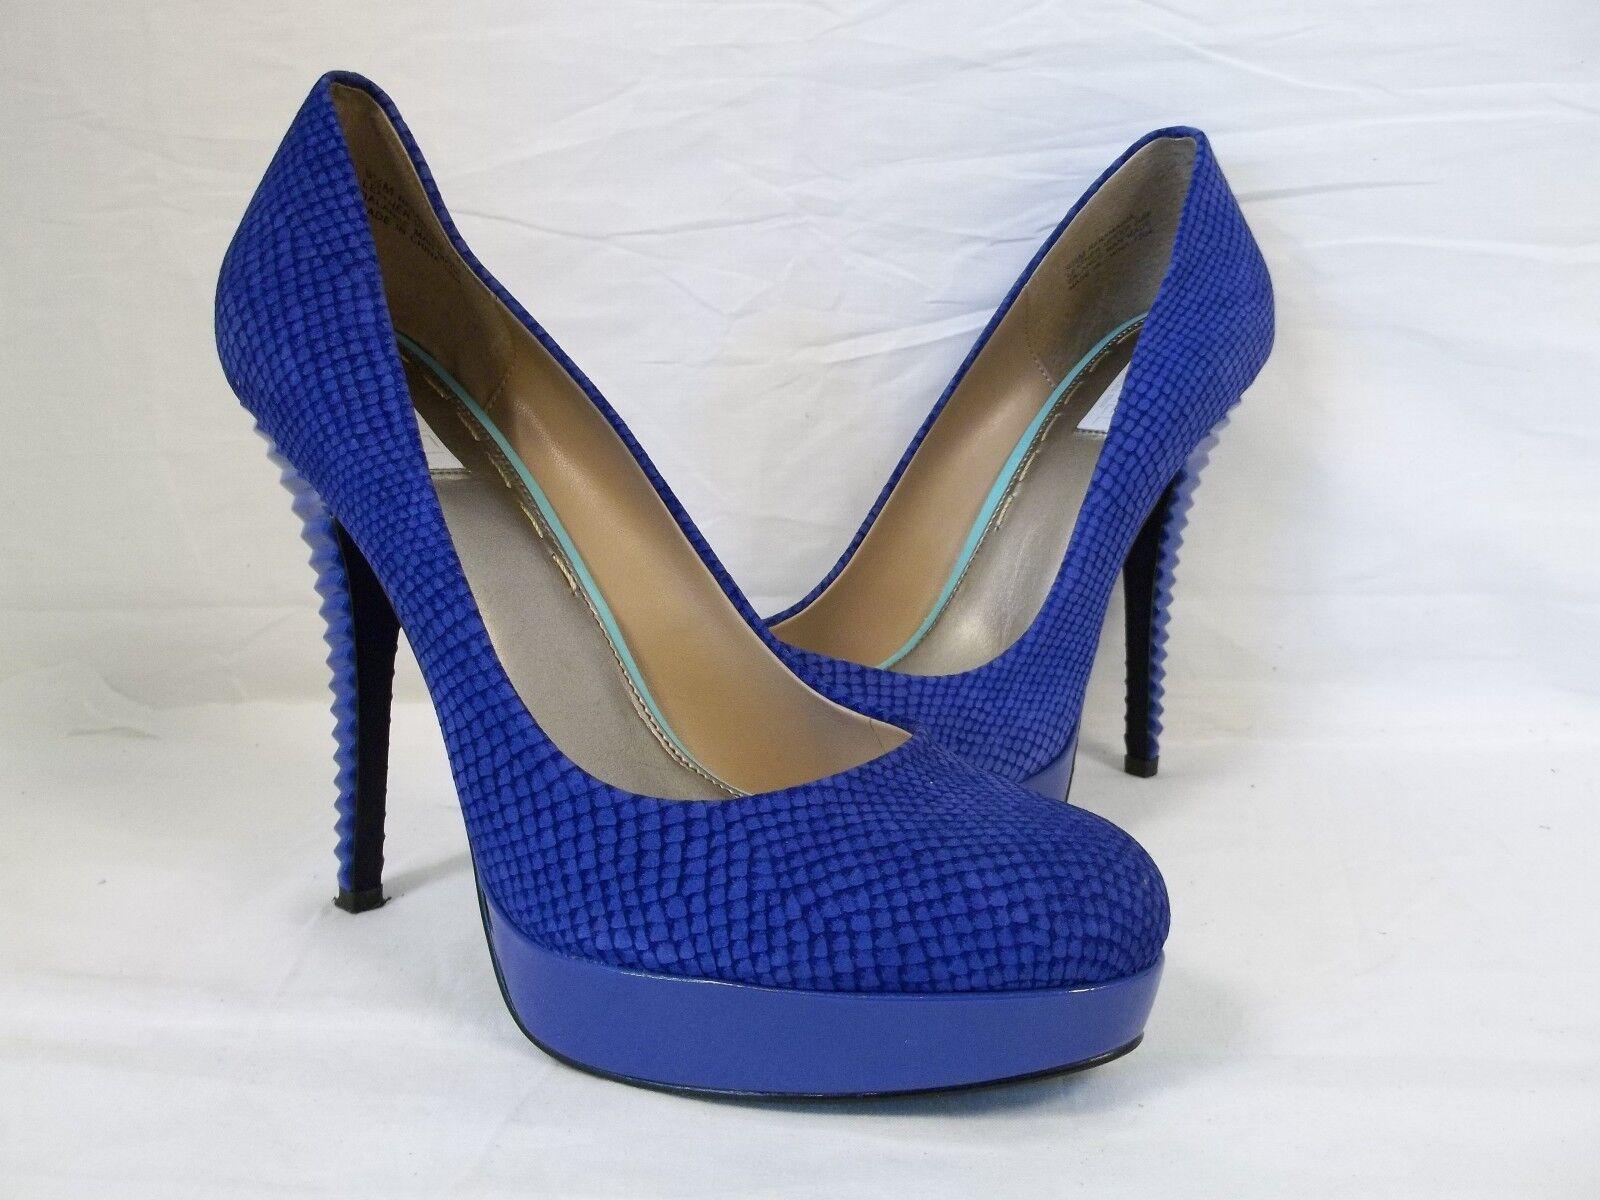 Rachel Roy Taille 9.5 M Kamaria Bleu Foncé En Cuir Talons Hauts Femme Chaussures Neuf Sans Boîte